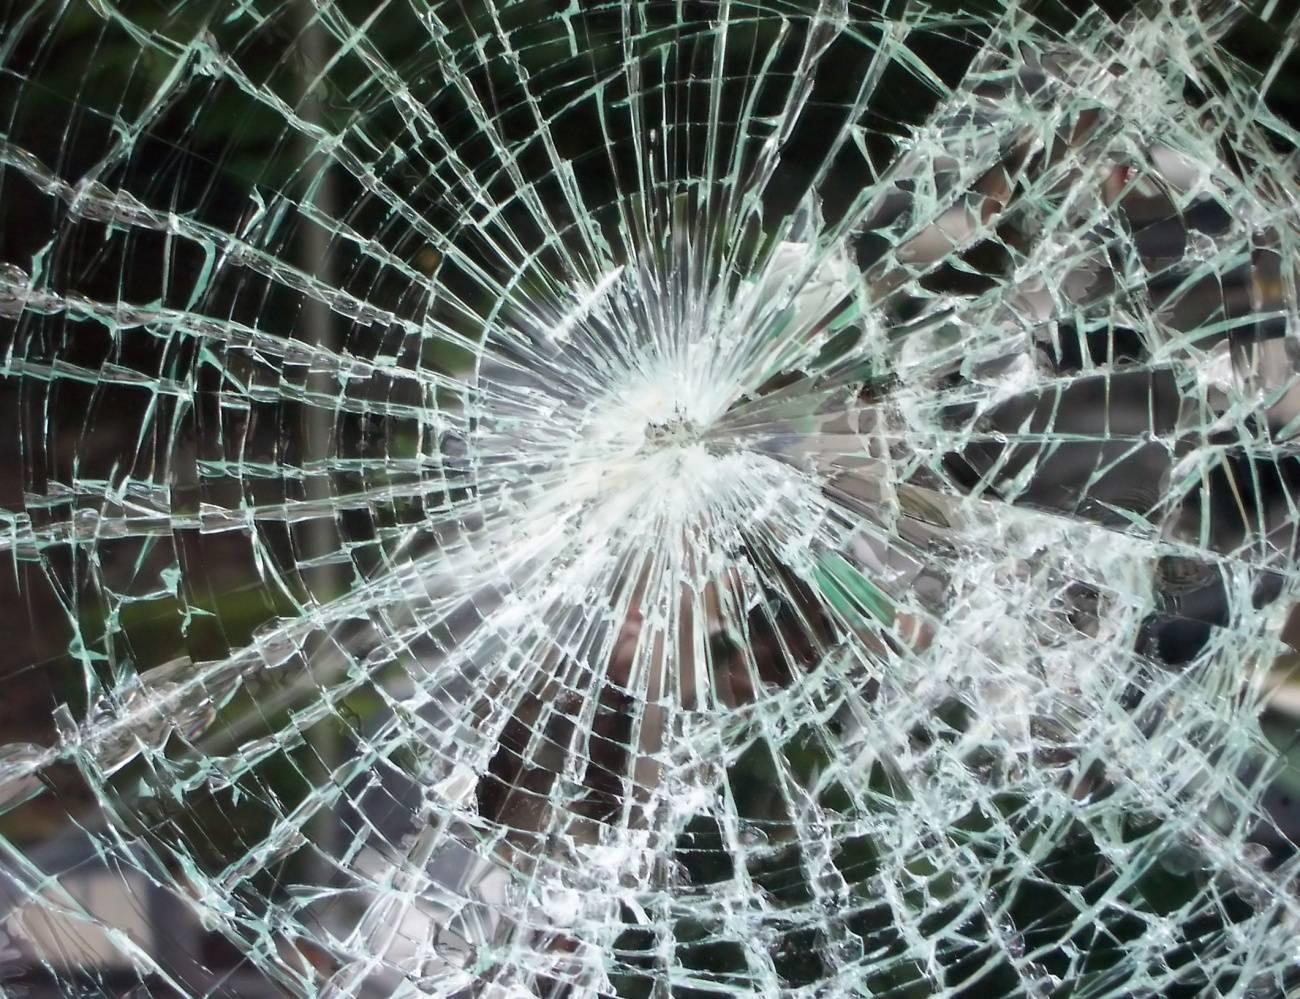 Картинка разбитого стекла